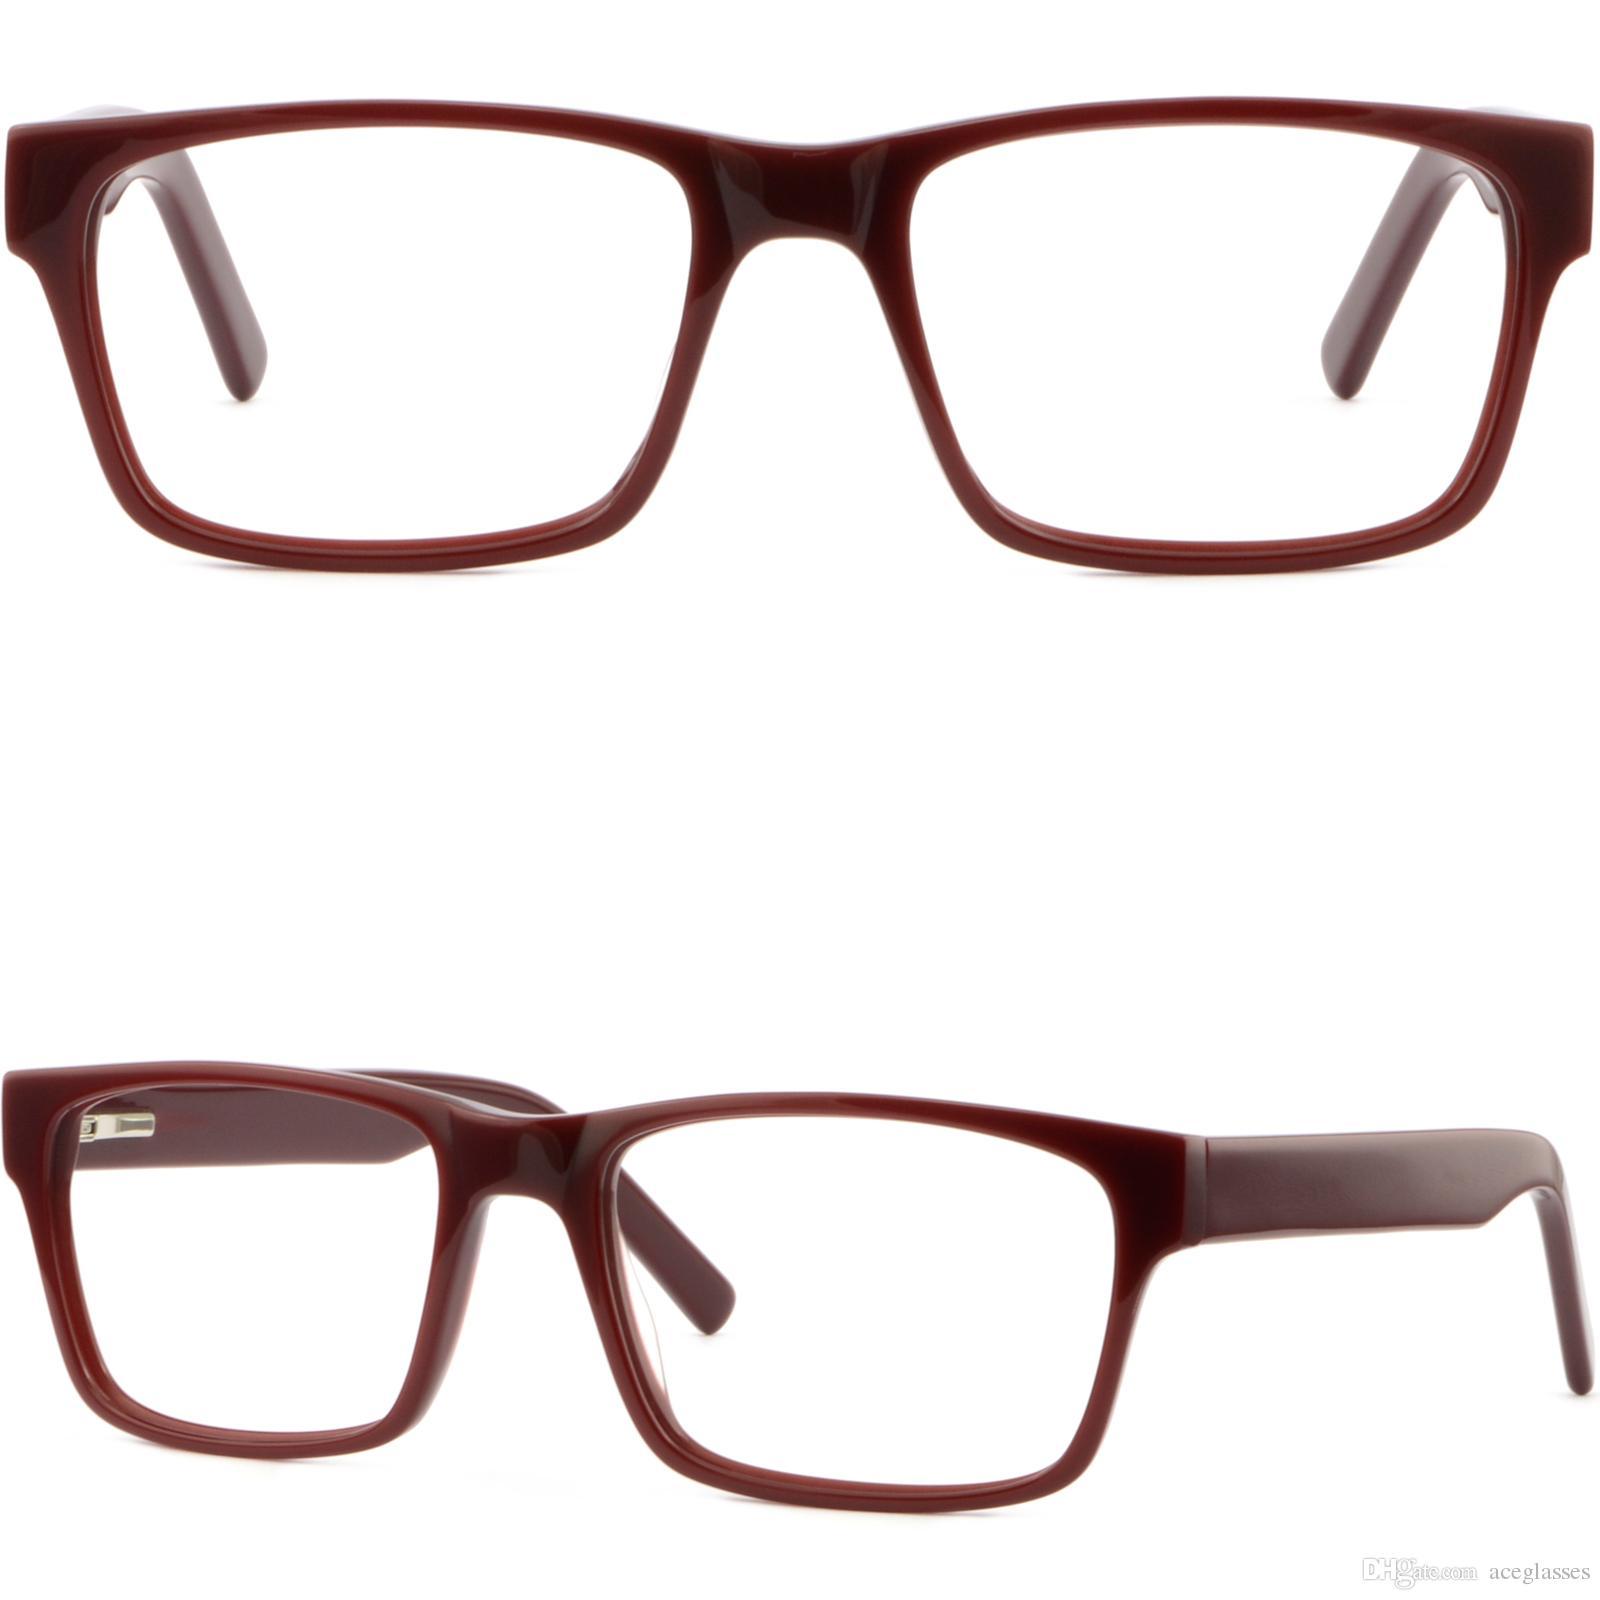 7d28ad33493 Full Rim Women Men Plastic Frames Rectangle Glasses Sunglasses Spring  Hinges Red Glasses Frame Online with  31.08 Piece on Aceglasses s Store